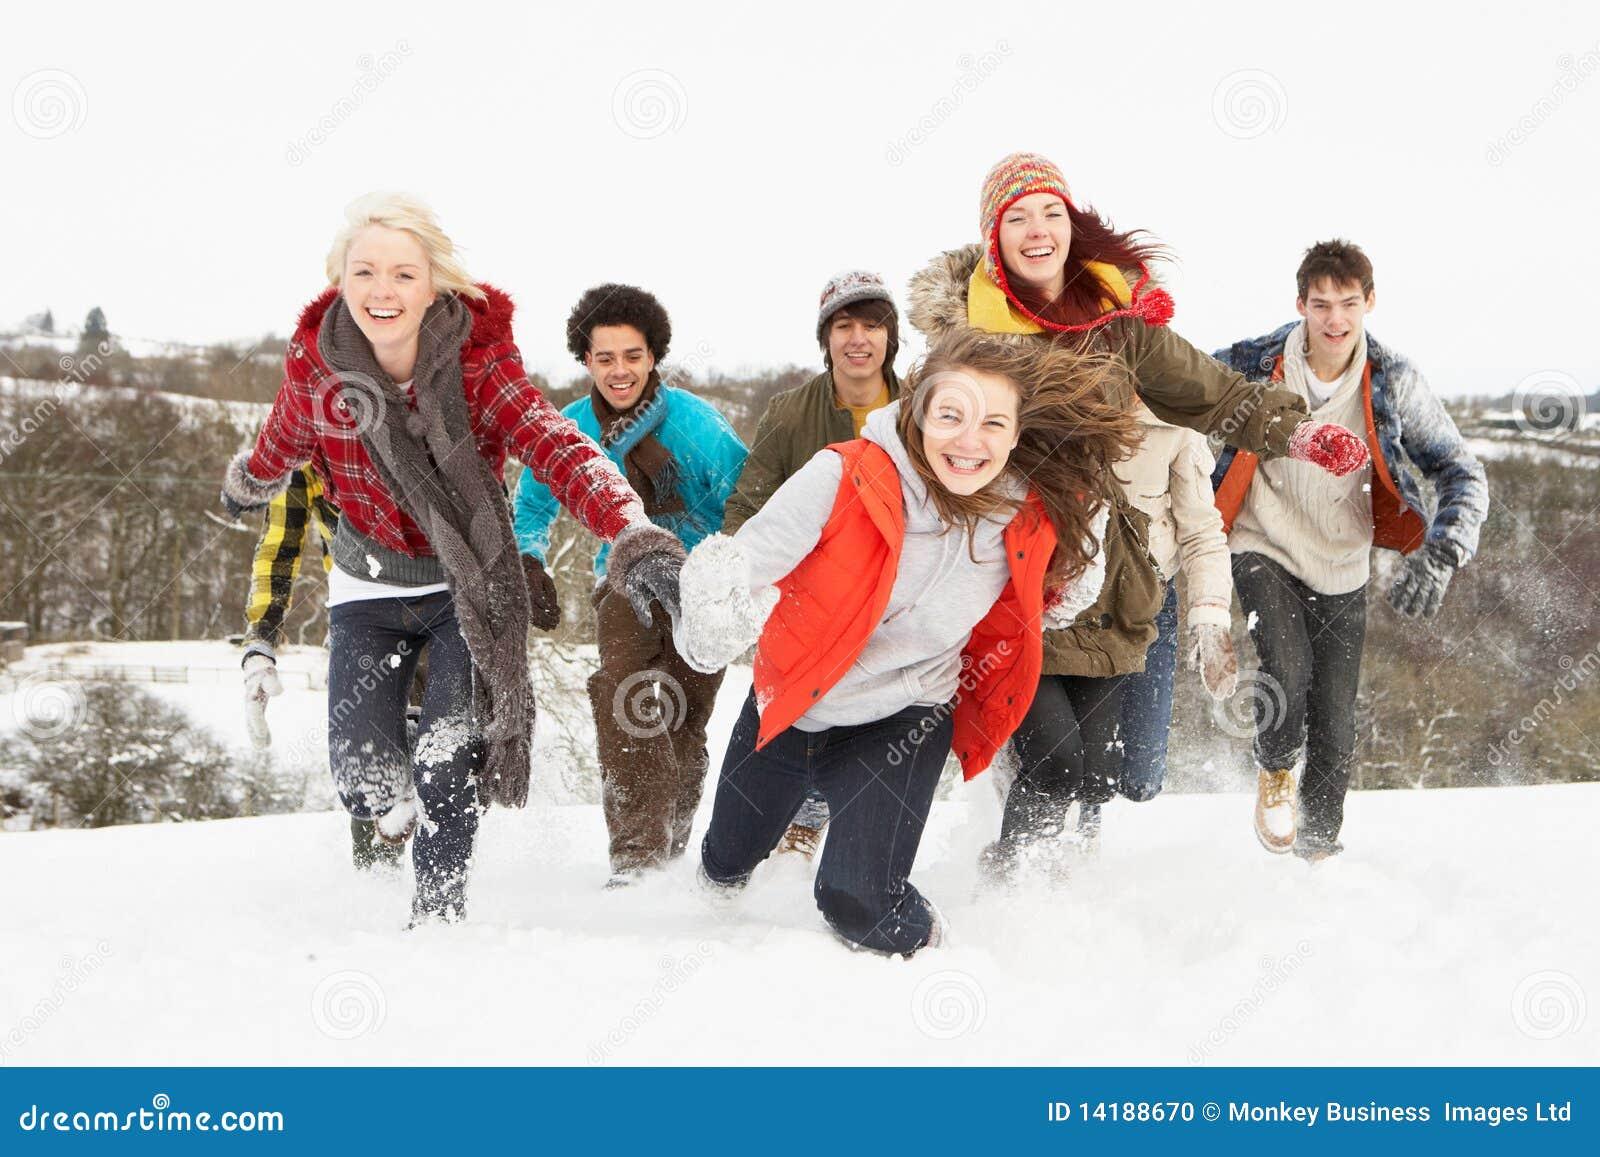 Jugendfreunde, die Spaß in der Snowy-Landschaft haben